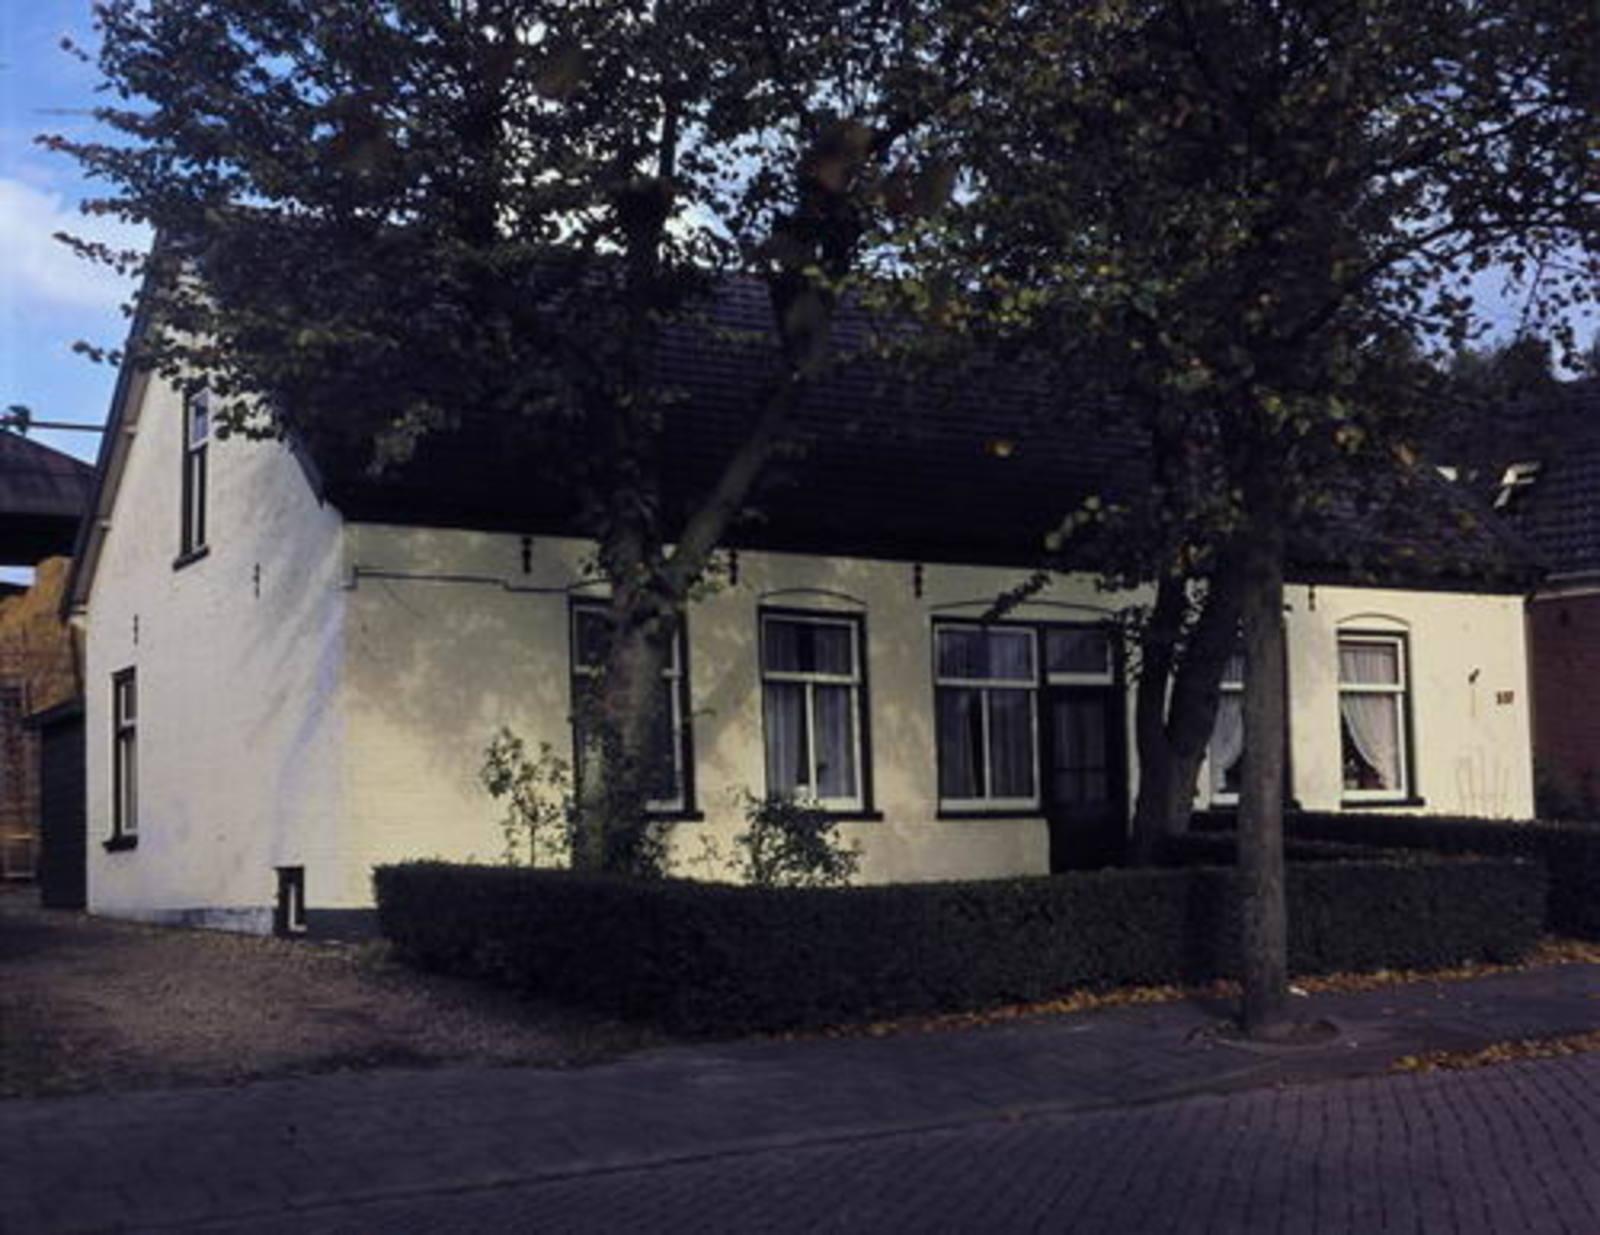 Kromme Spieringweg W 0537 1979 woonhuis boerderij Daane